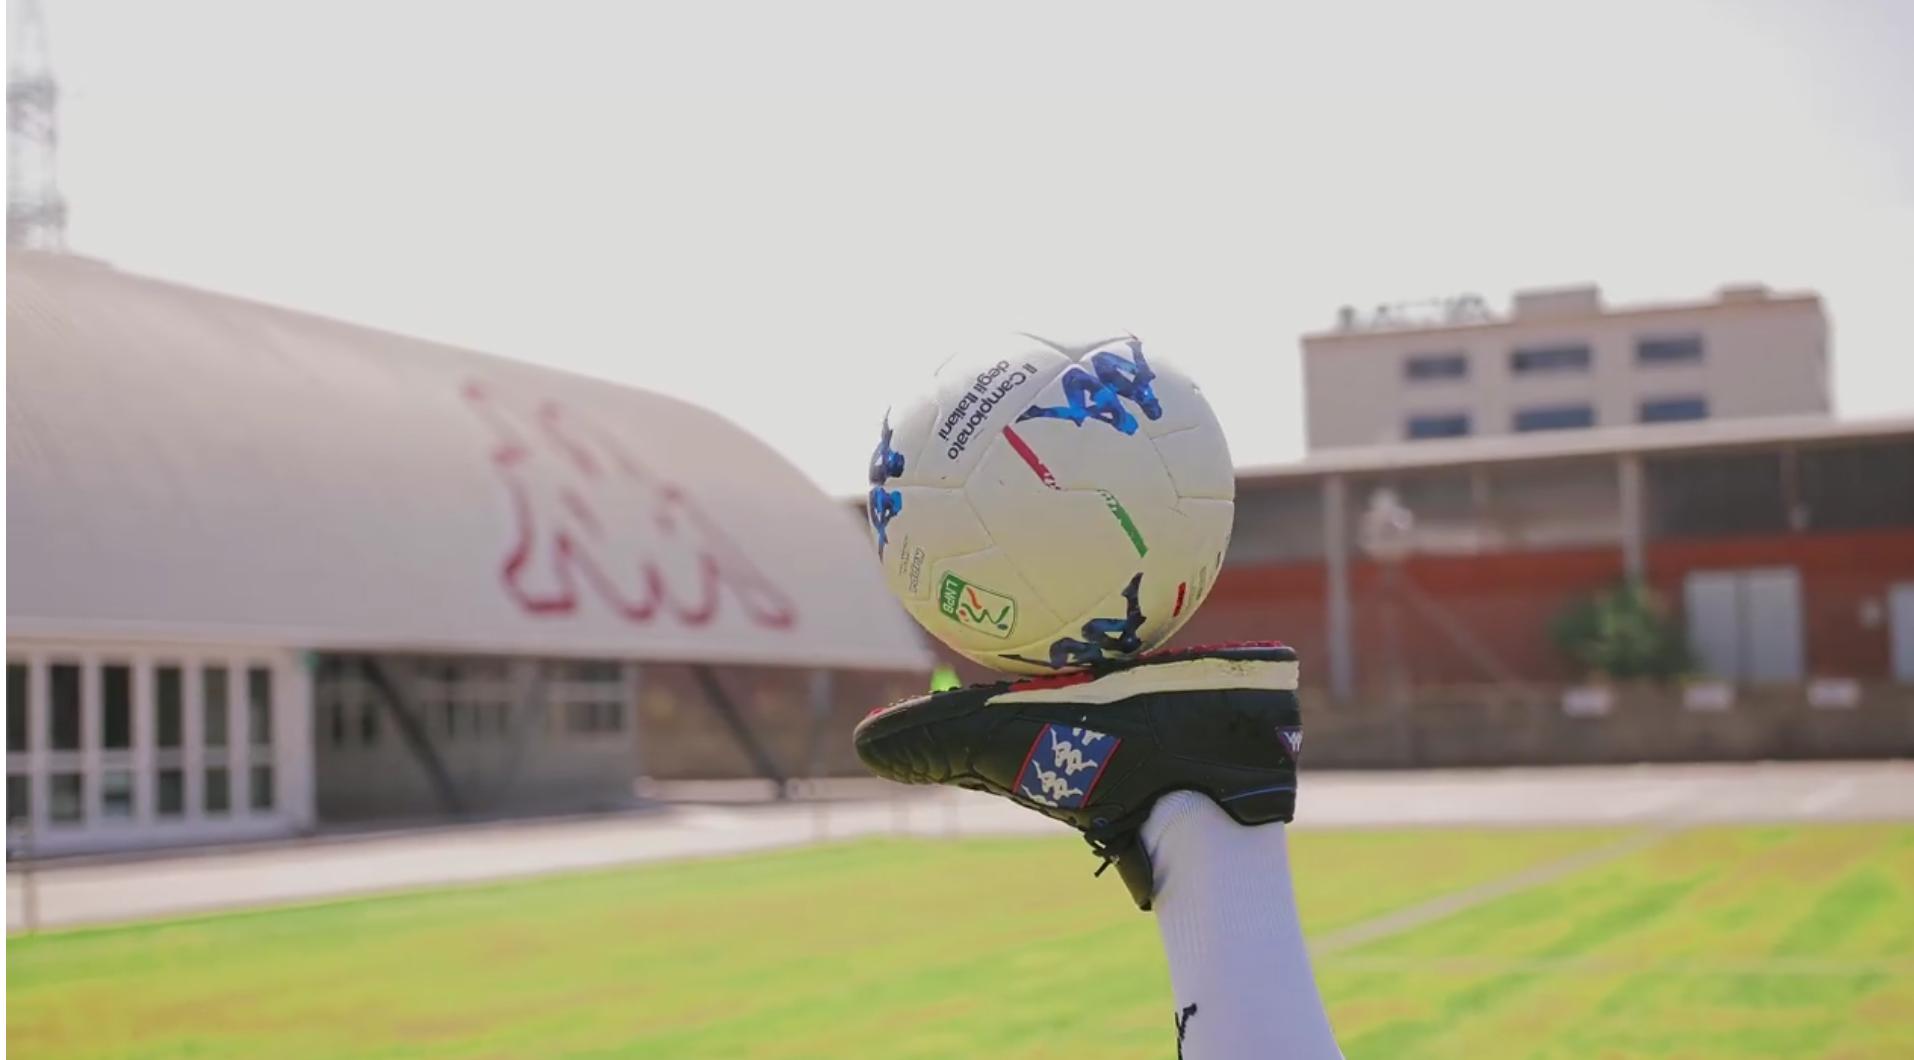 """Ecco il pallone del campionato cadetto. Si tratta del nuovo pallone realizzato da Kappa pr il campionato di Serie B, al via il prossimo 24 agosto. Il Kombat Ball (e la sua versione invernale) si evolve ulteriormente, con la riduzione del numero dei pannelli che compongono lo strato esterno, passati da 36 a 24. CORONADO ALLO SHARJAH? SI FARA': LE ULTIME Come si legge nel comunicato però c'è anche una novità grafica: """"Un omaggio al territorio italiano. Le regioni sono individuate all'interno del pattern presente sul logo degli omini in differenti tonalità di azzurro, le linee presenti sul pallone sono"""